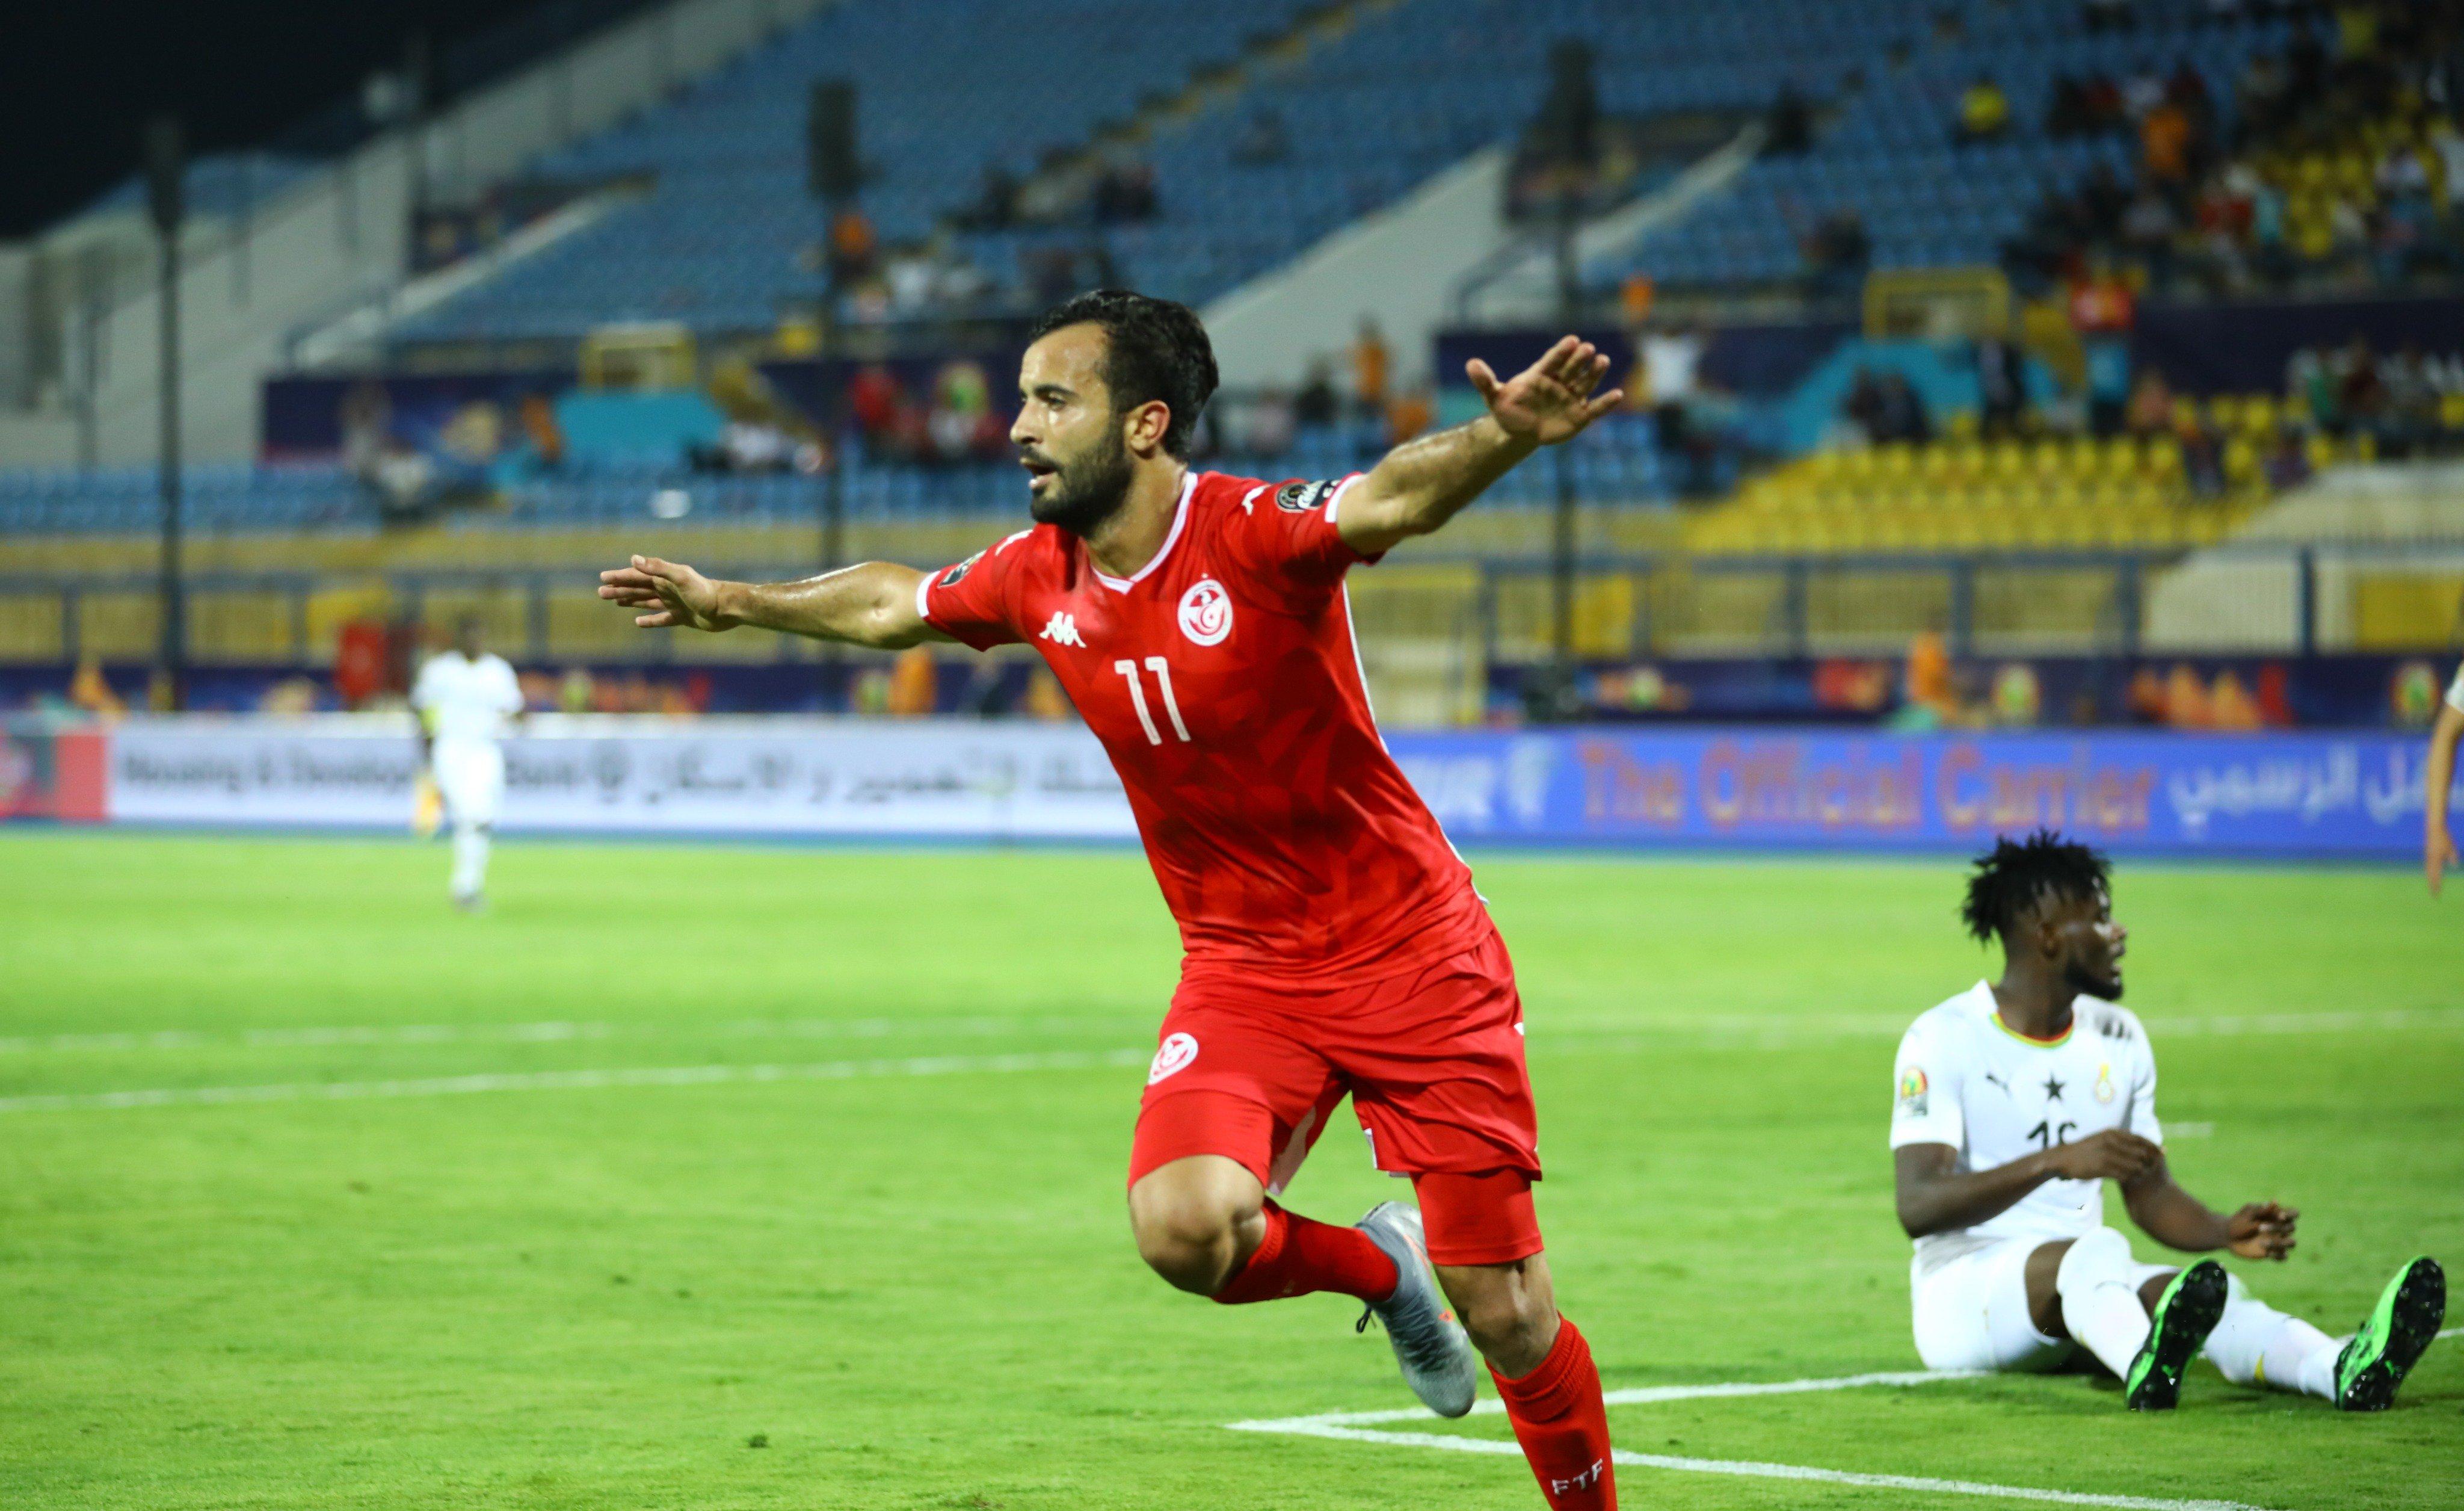 补时遭乌龙绝平无碍晋级, 突尼斯点杀进非洲杯八强